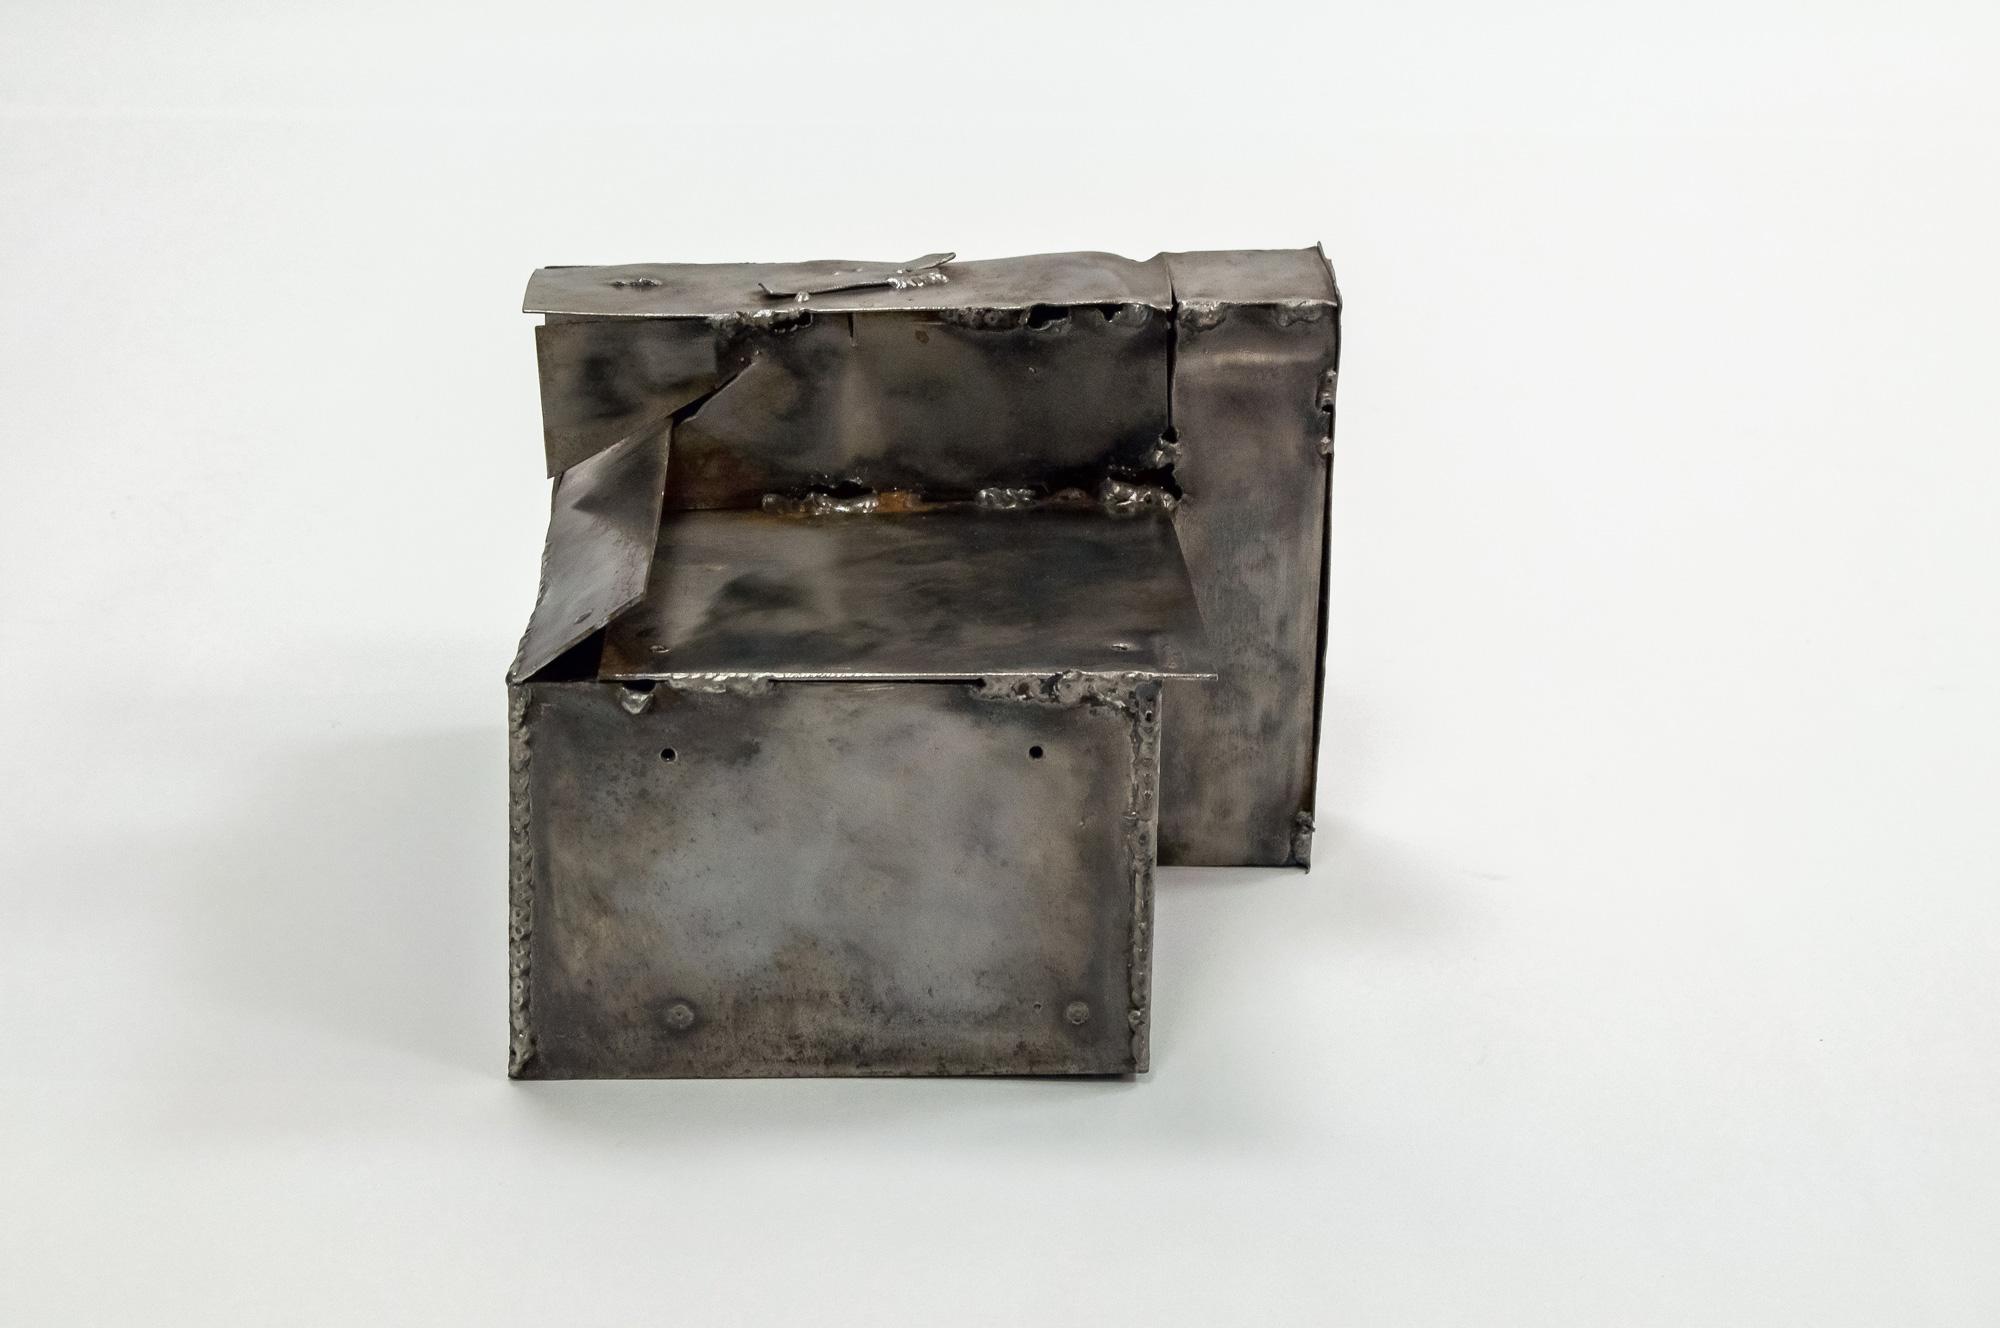 stone │ metal │ 2019 │ 22cm x 27cm x 18cm